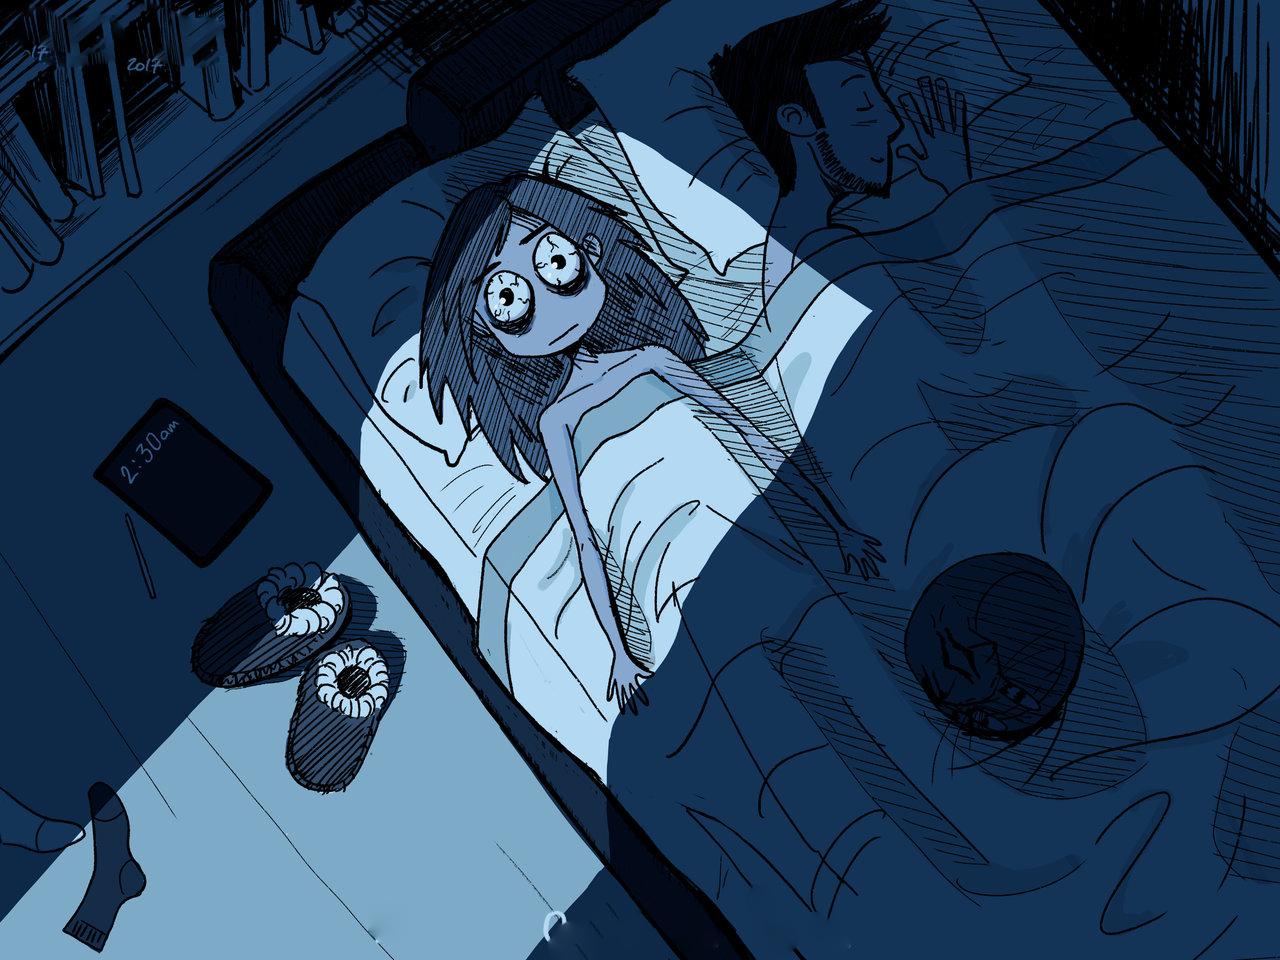 افضل الحلول للتغلب علي الارق ونصائح للحد من اضطرابات النوم